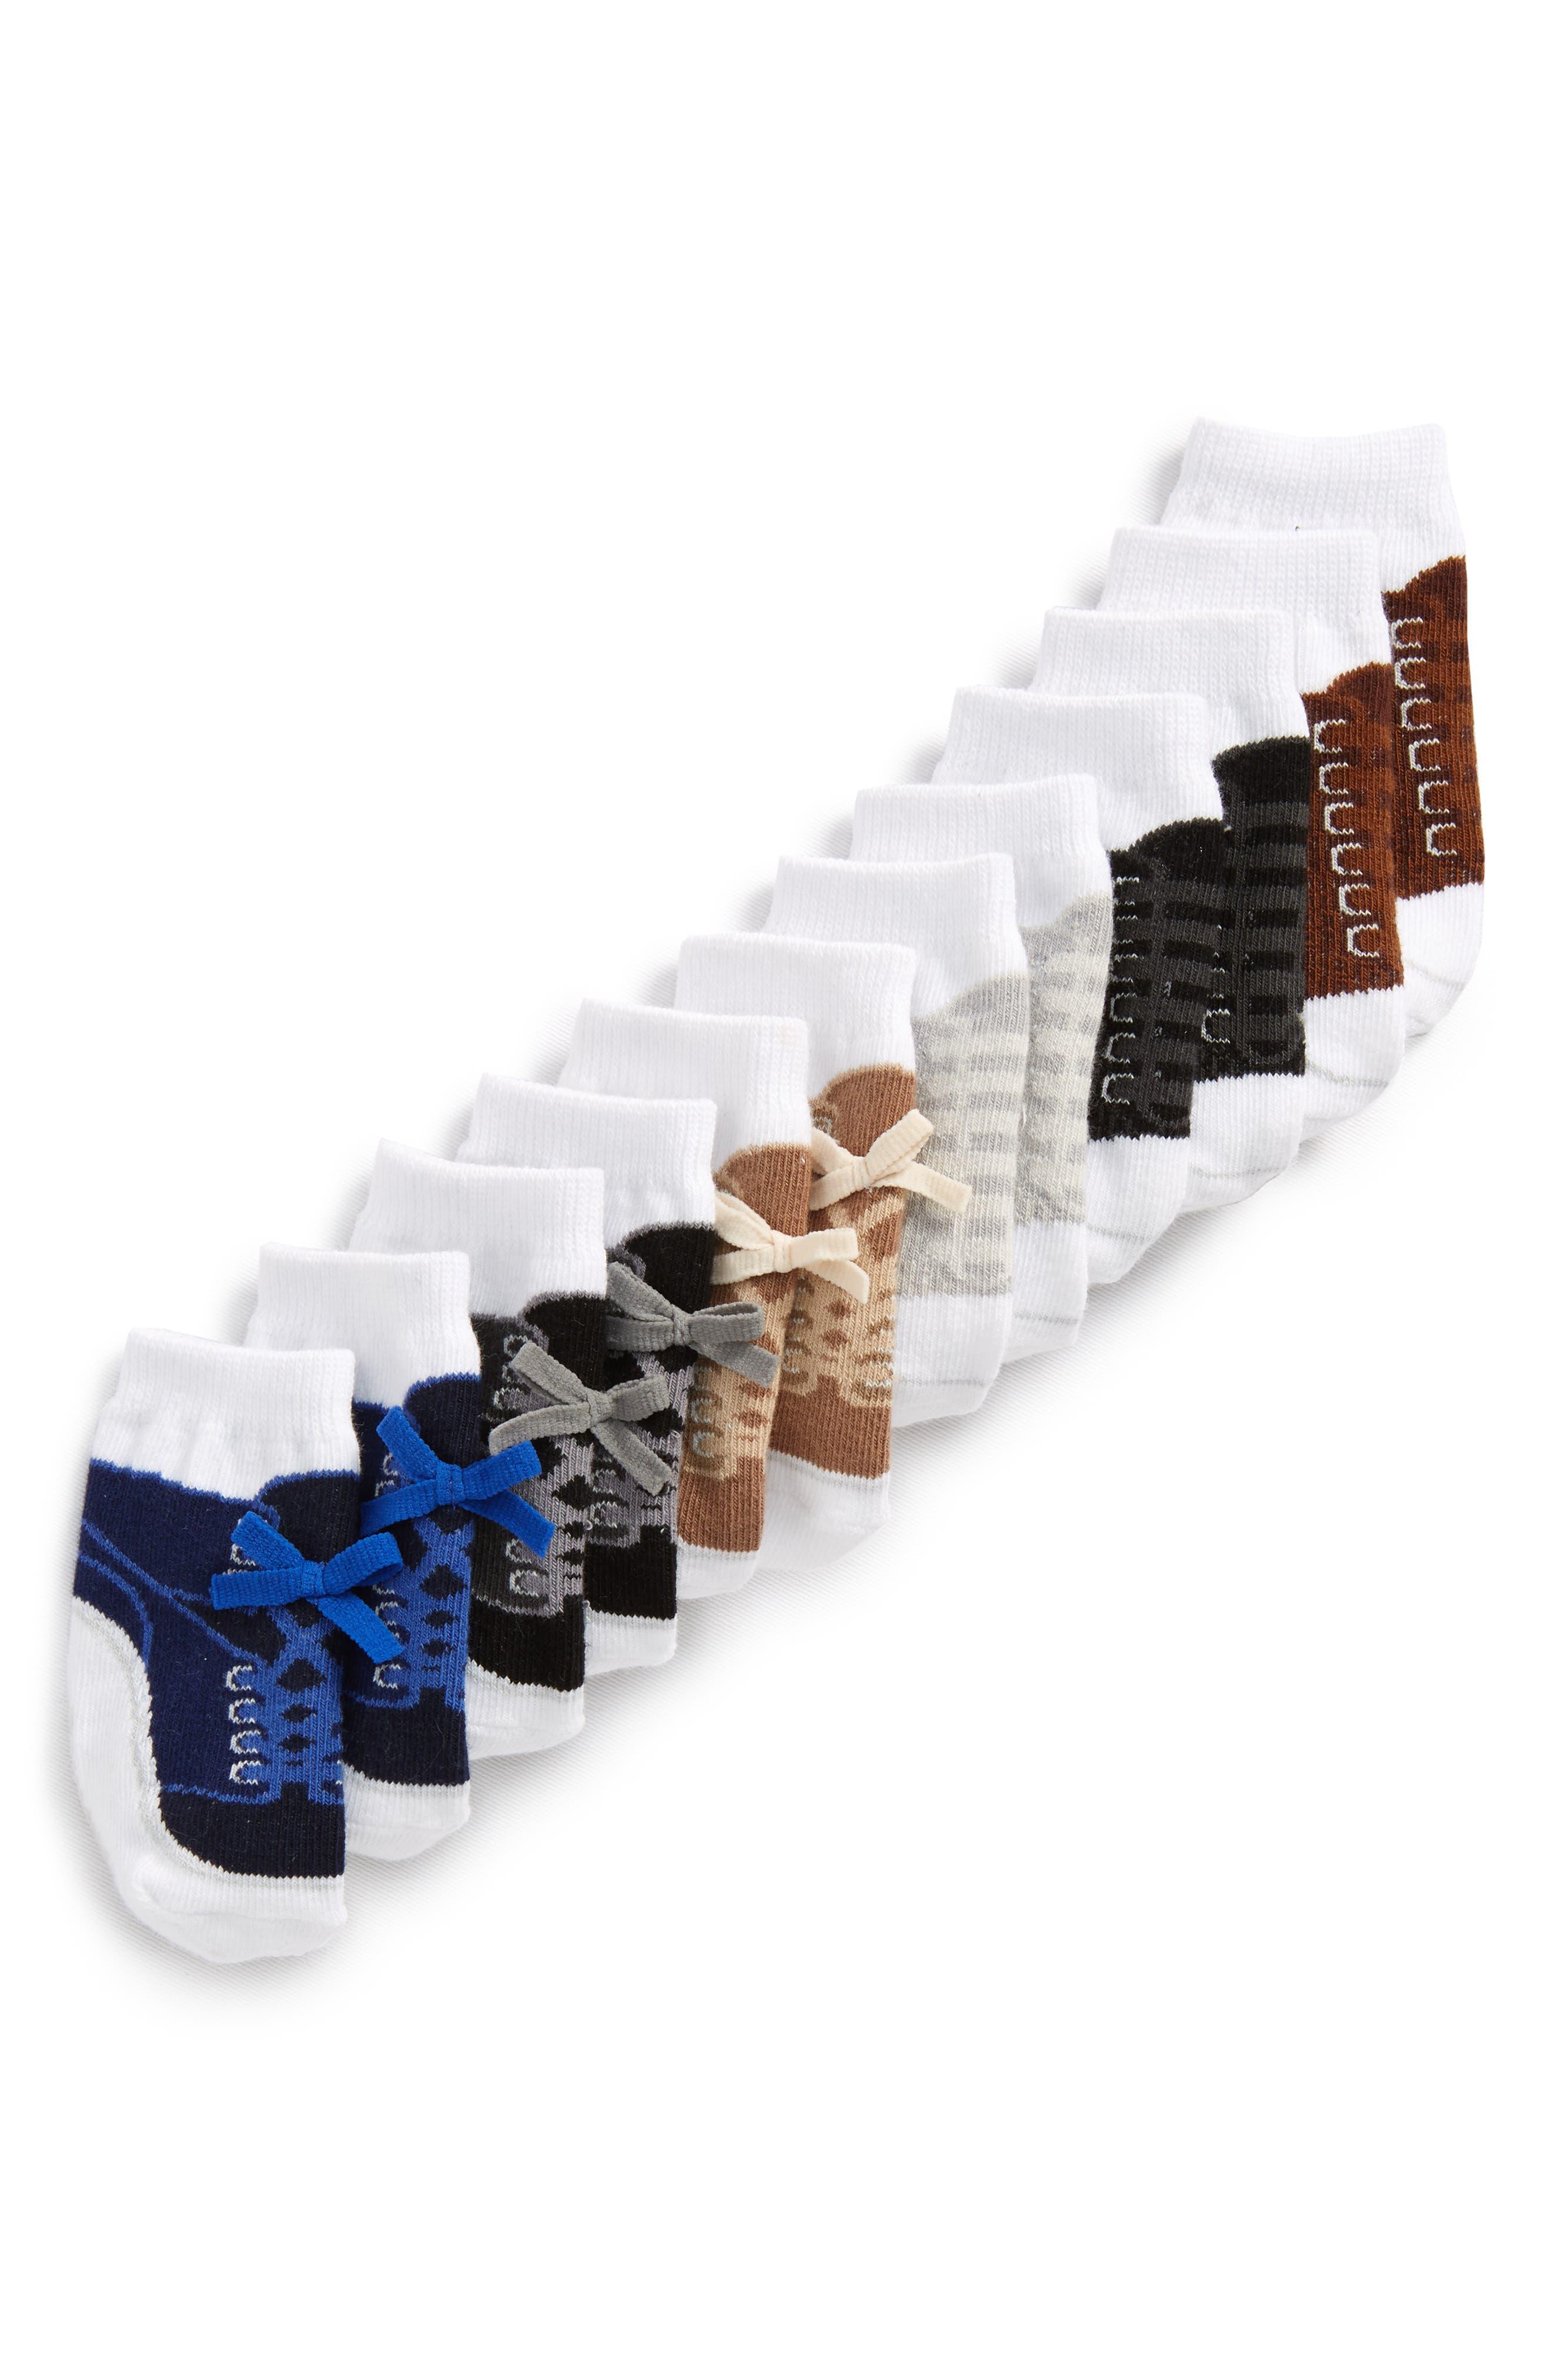 Brayden 6-Pack Socks,                             Alternate thumbnail 2, color,                             200